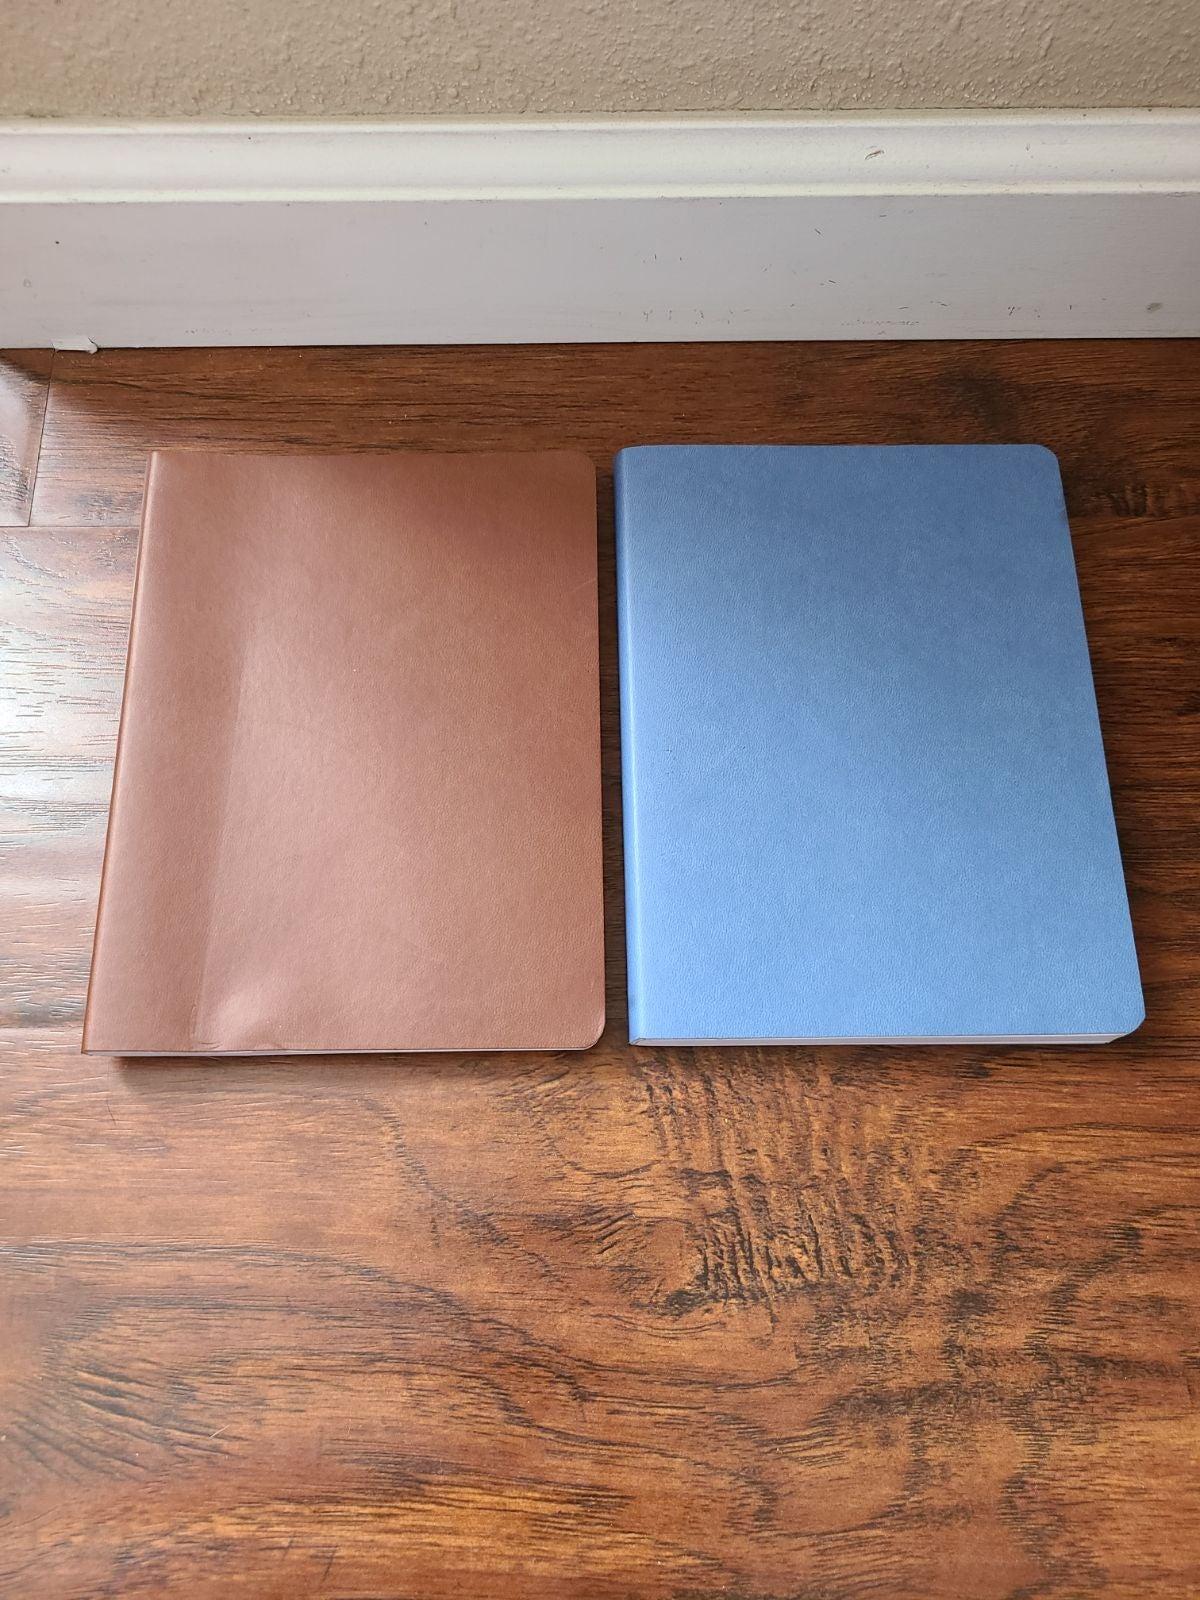 Eccolo Notebooks